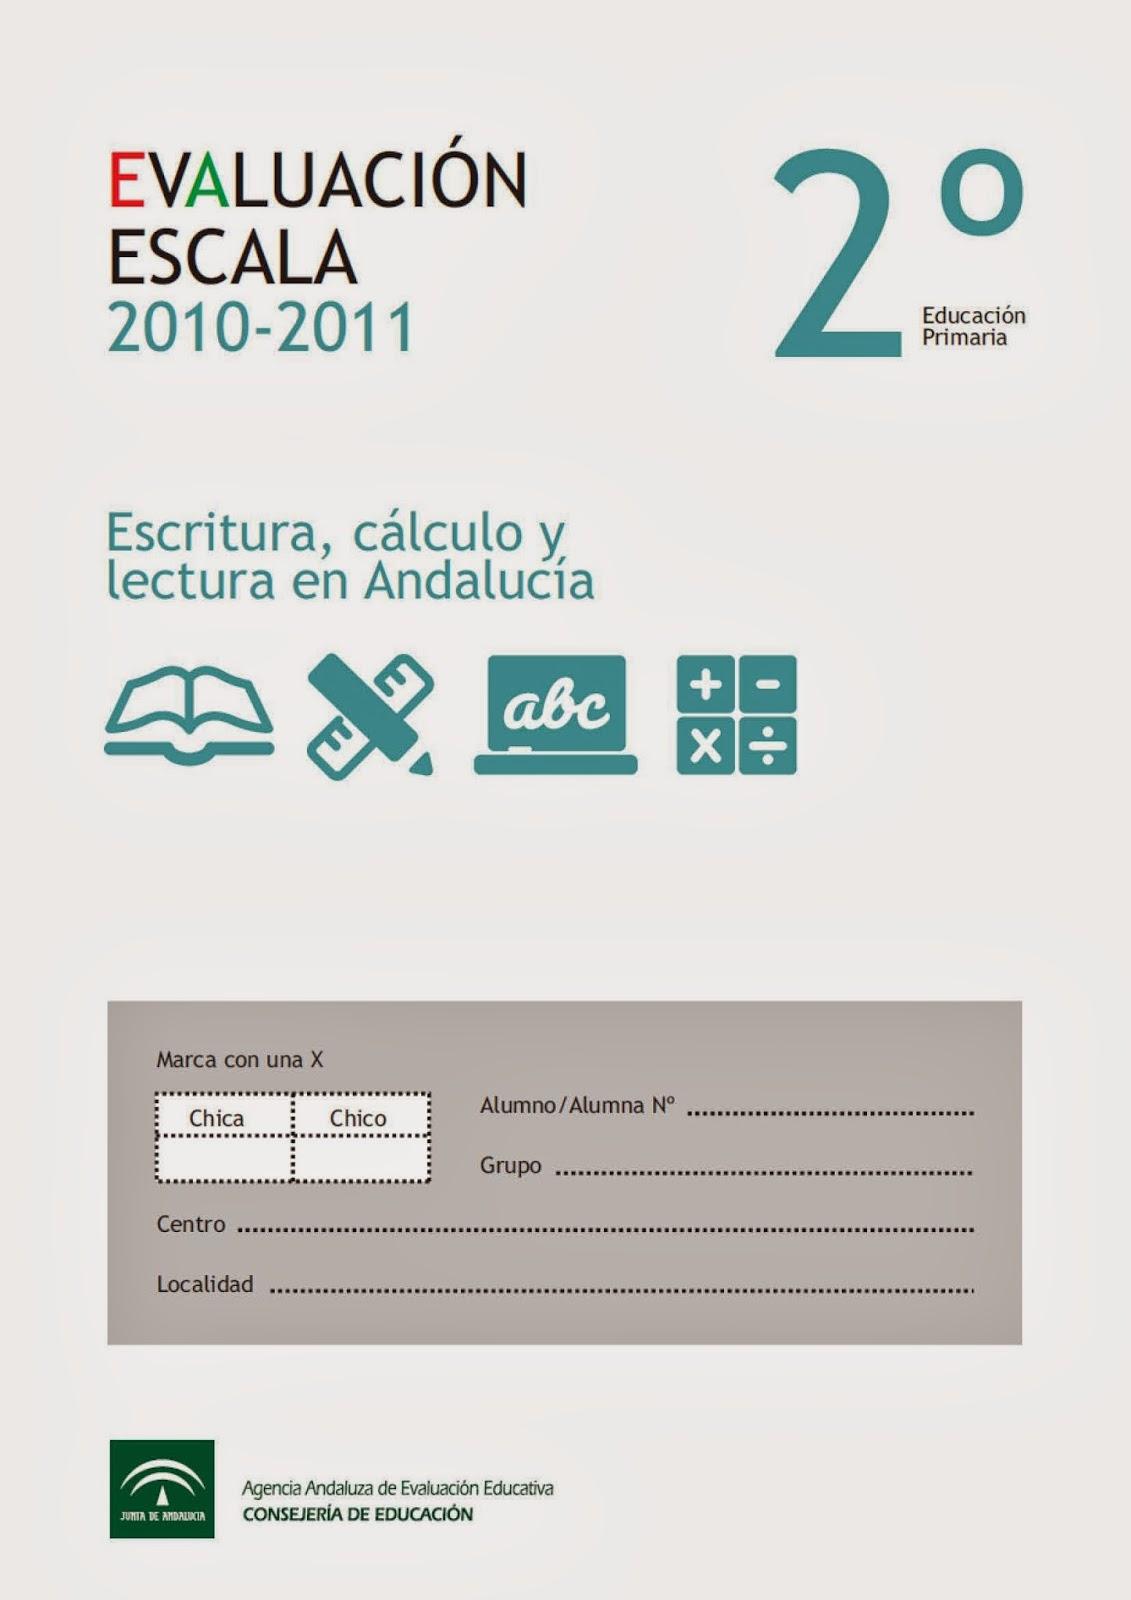 issuu.com/asuncioncabello/docs/pruebaescala2011?e=1617168/7000087